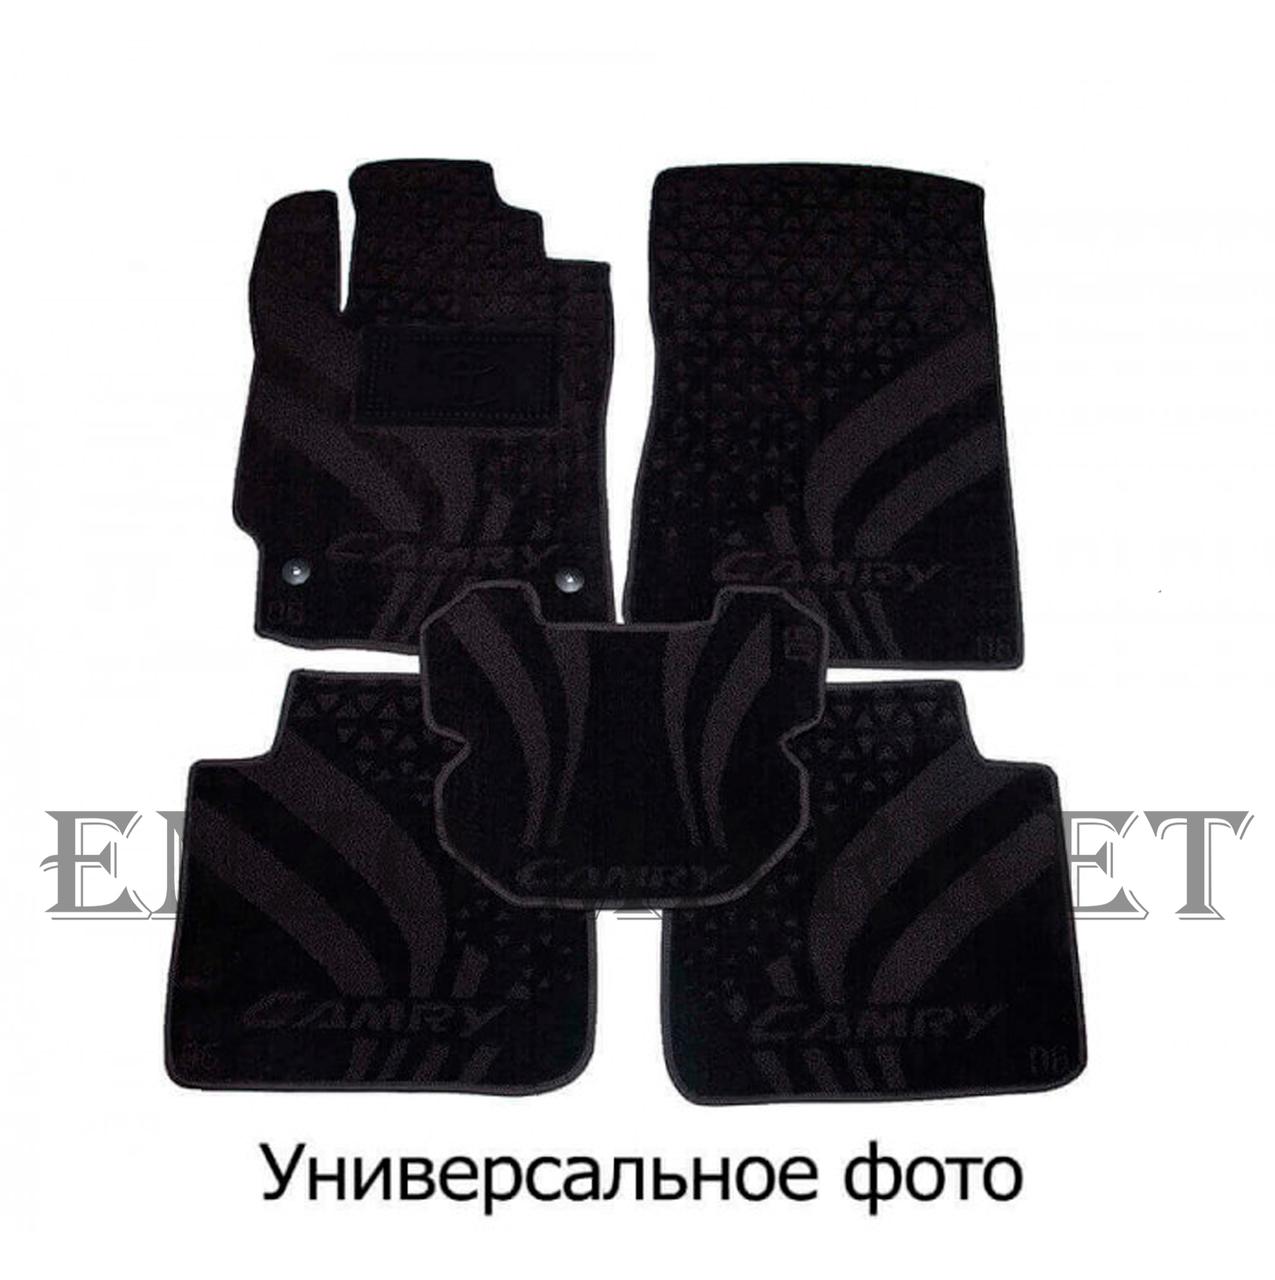 Текстильні автоковрики в салон BMW X5 (F15) 2013- (AVTO-Tex)